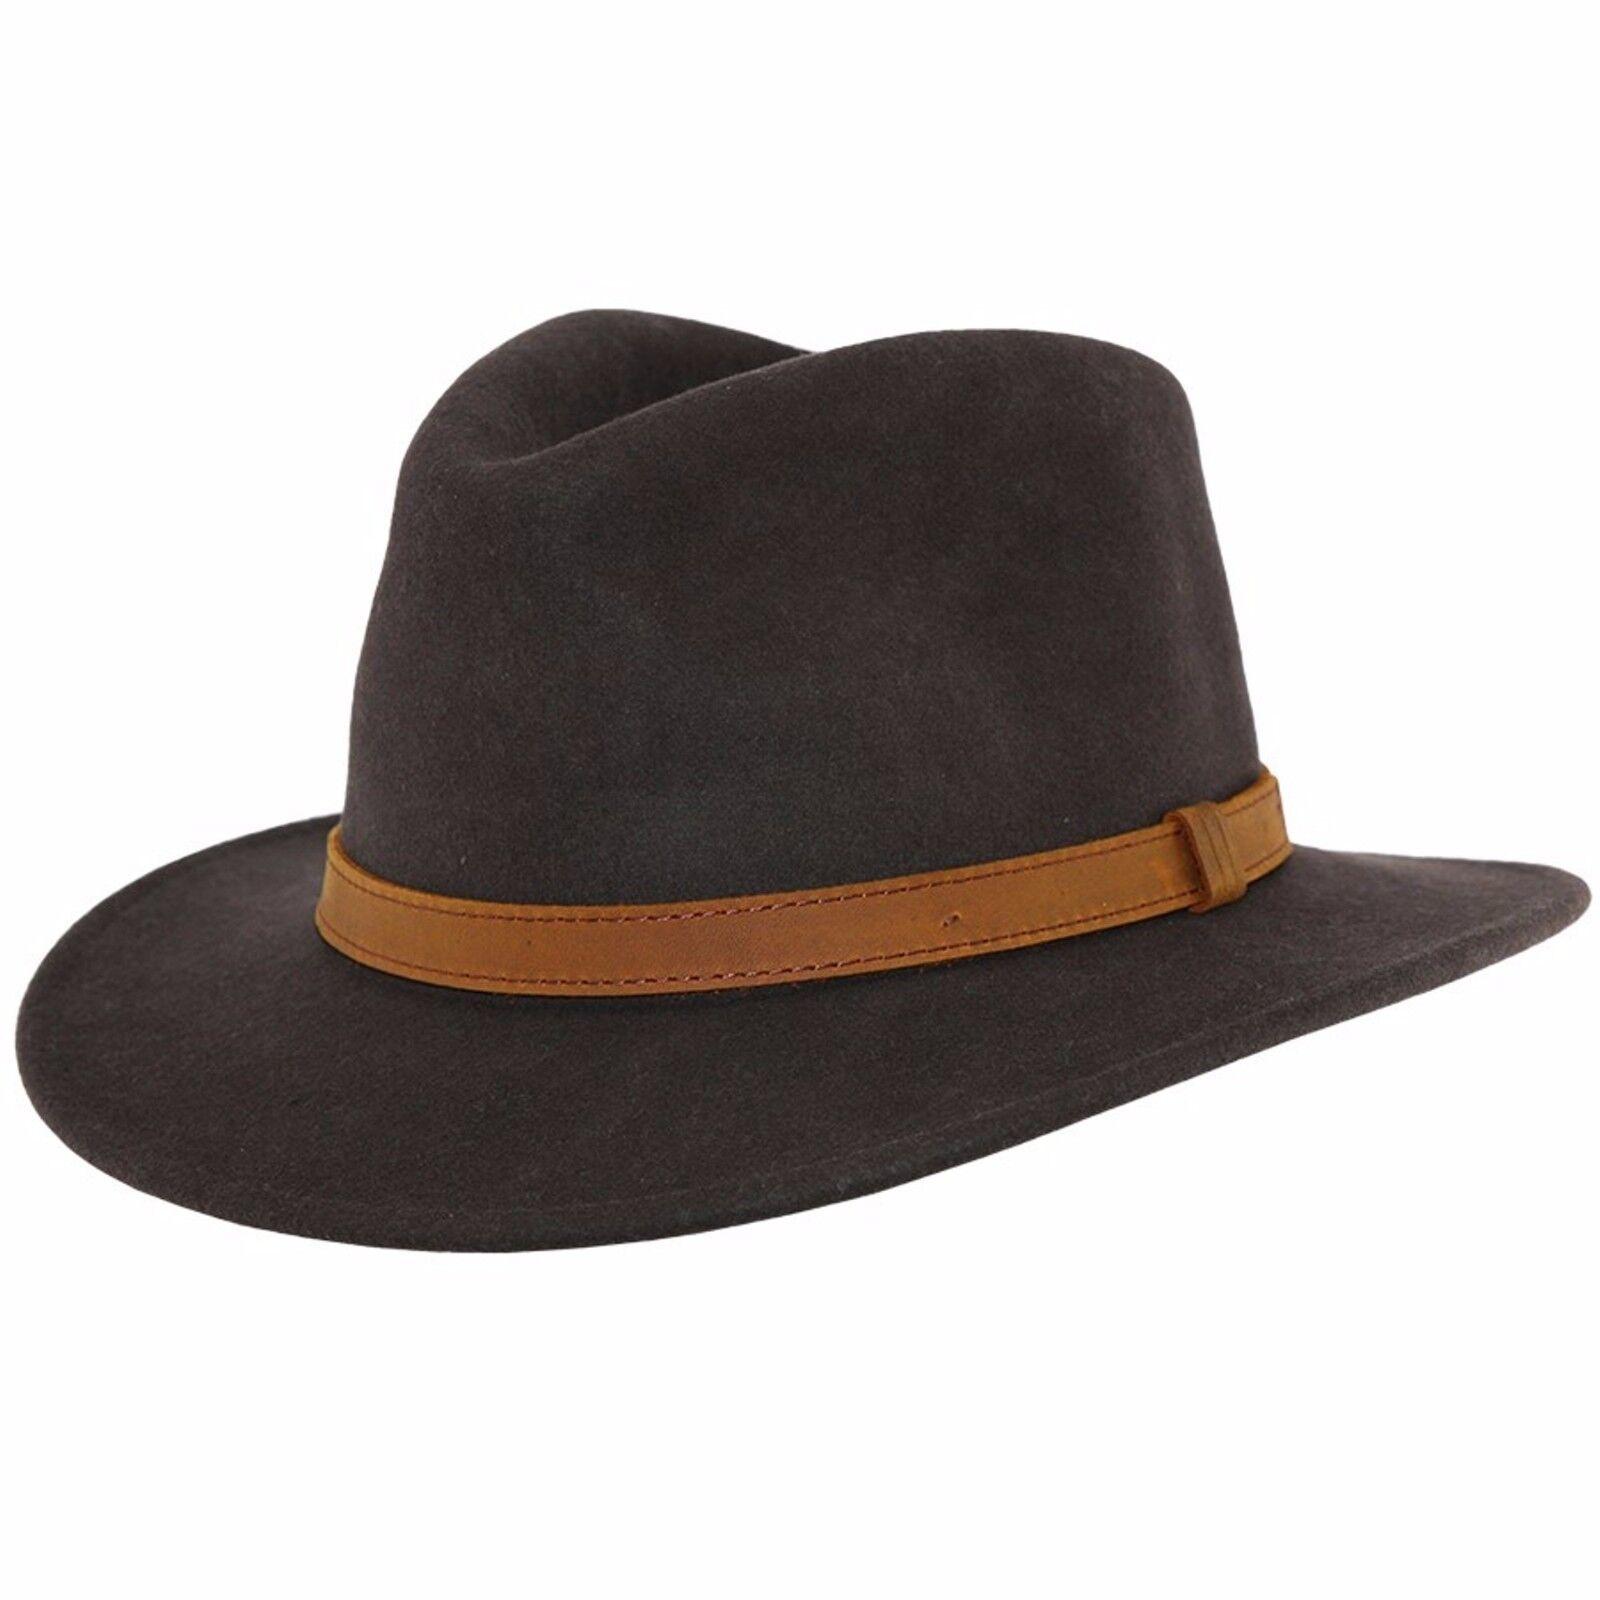 Gents Crushable marrone 100% lana feltro Cappello Trilby Fedora con banda in  pelle tipo. 4fc9f1a811b2